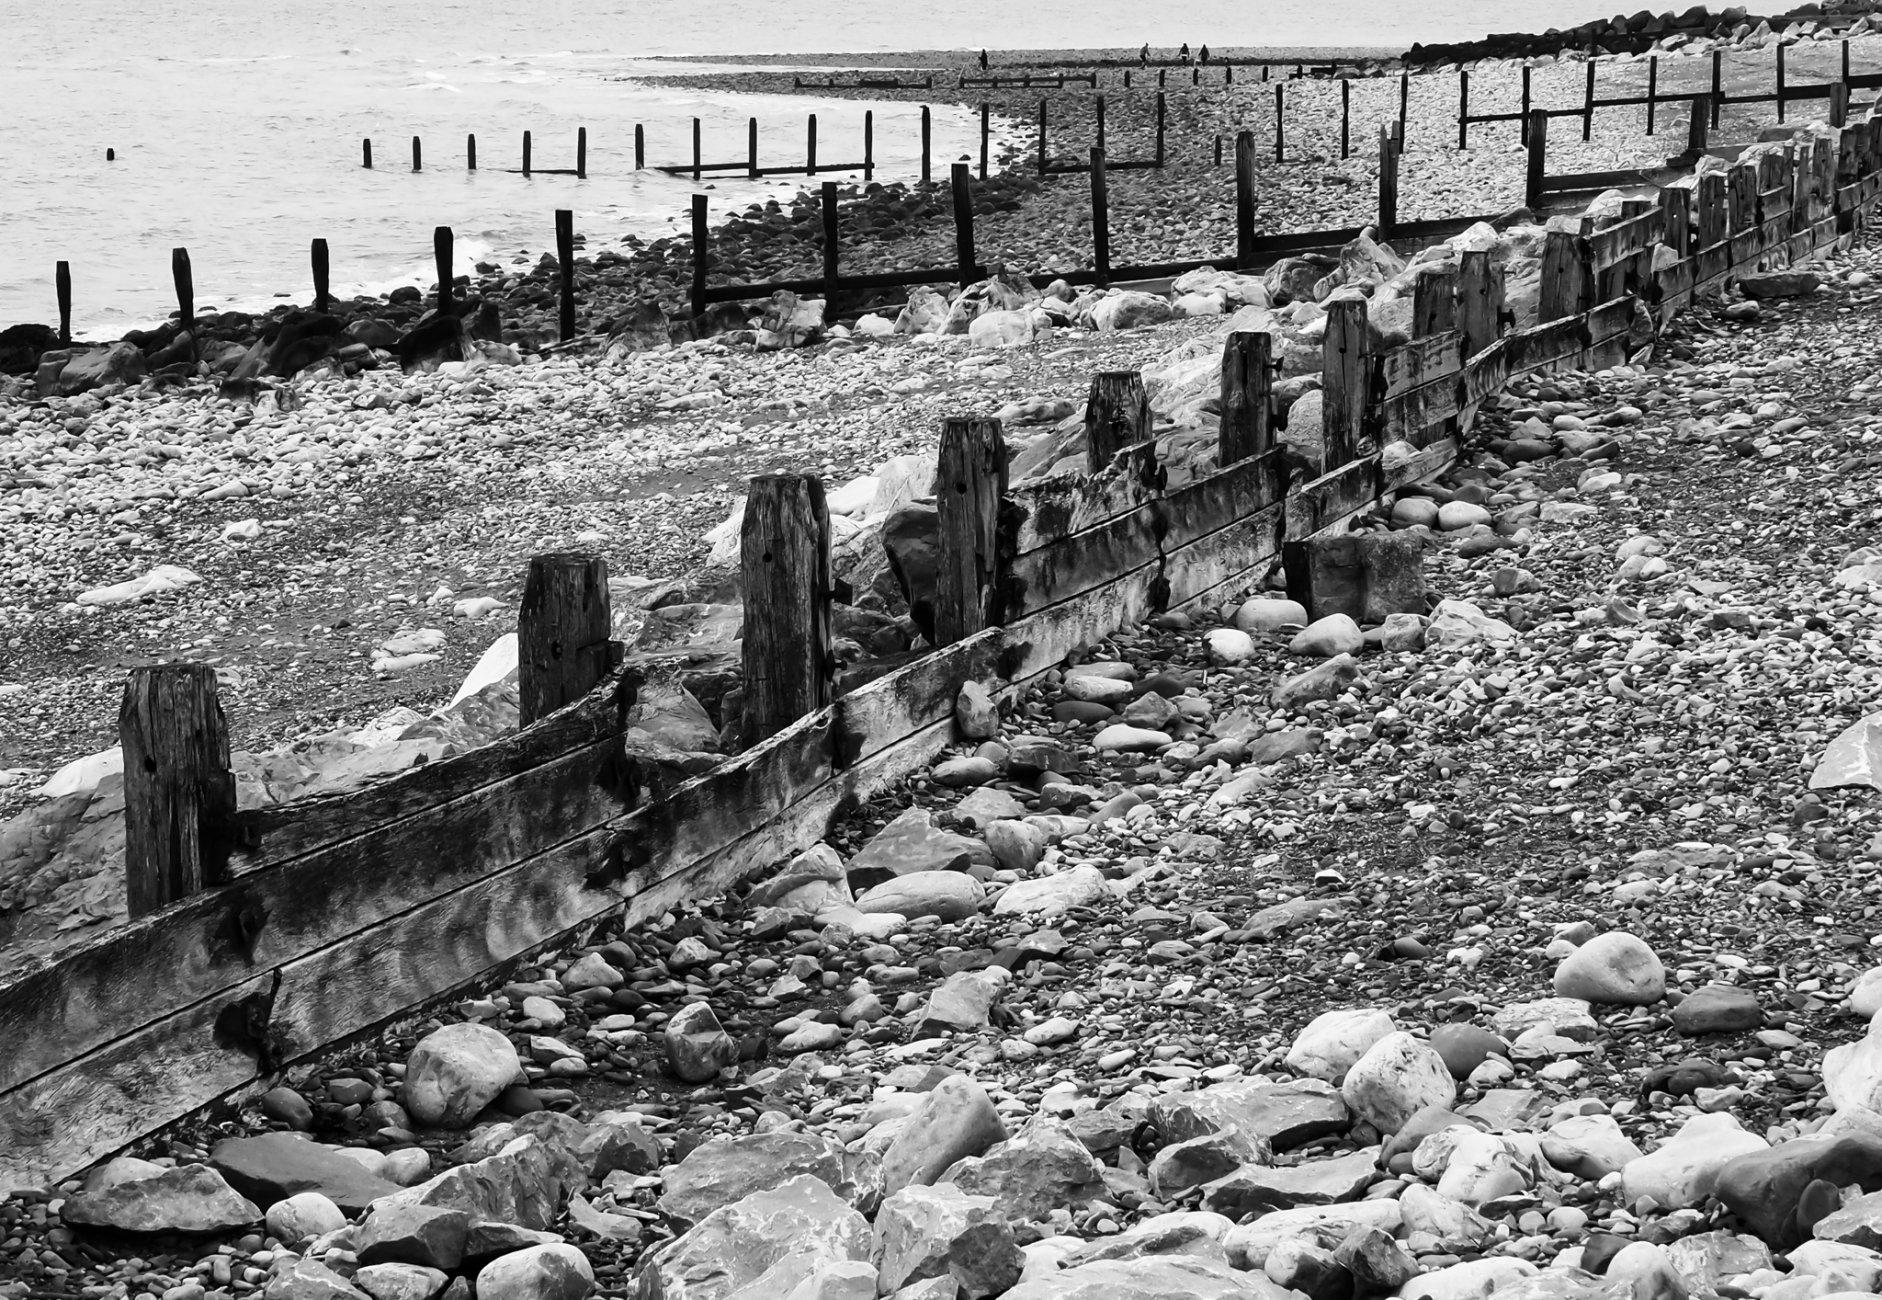 Beach Scene, Llanddulas, Gogledd Cymru